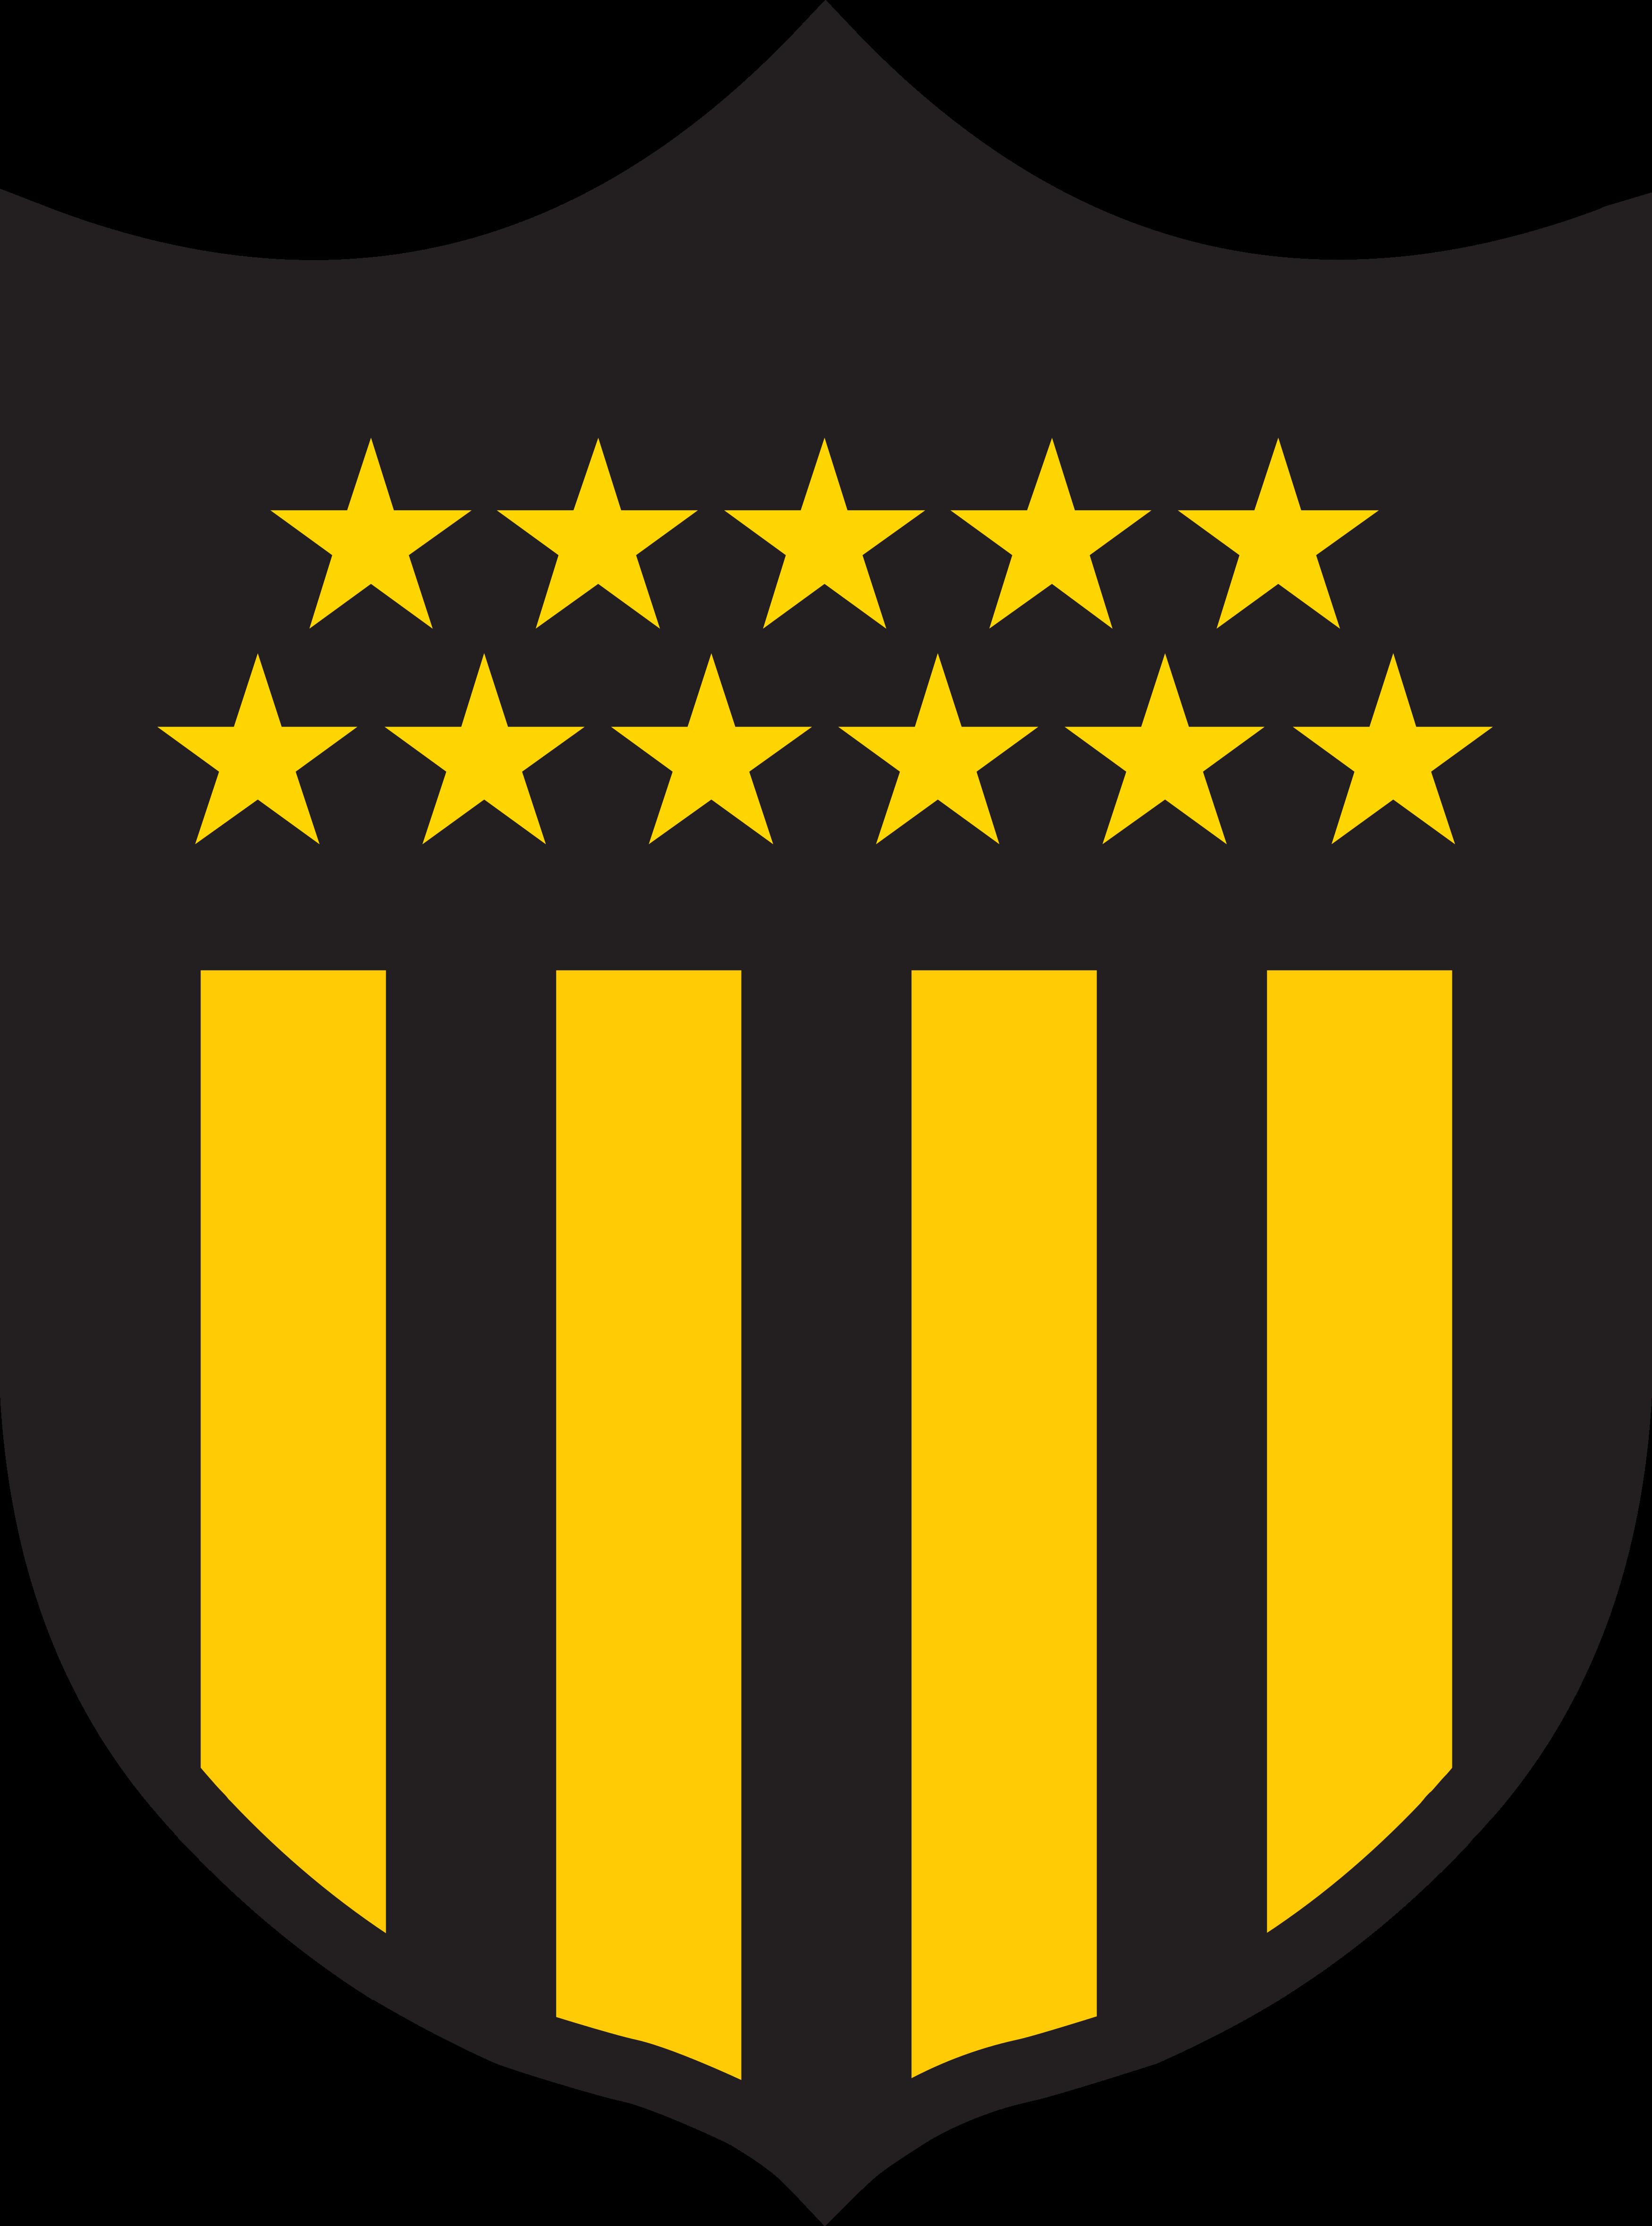 penarol logo escudo 1 - Peñarol Logo - Club Atlético Peñarol Escudo